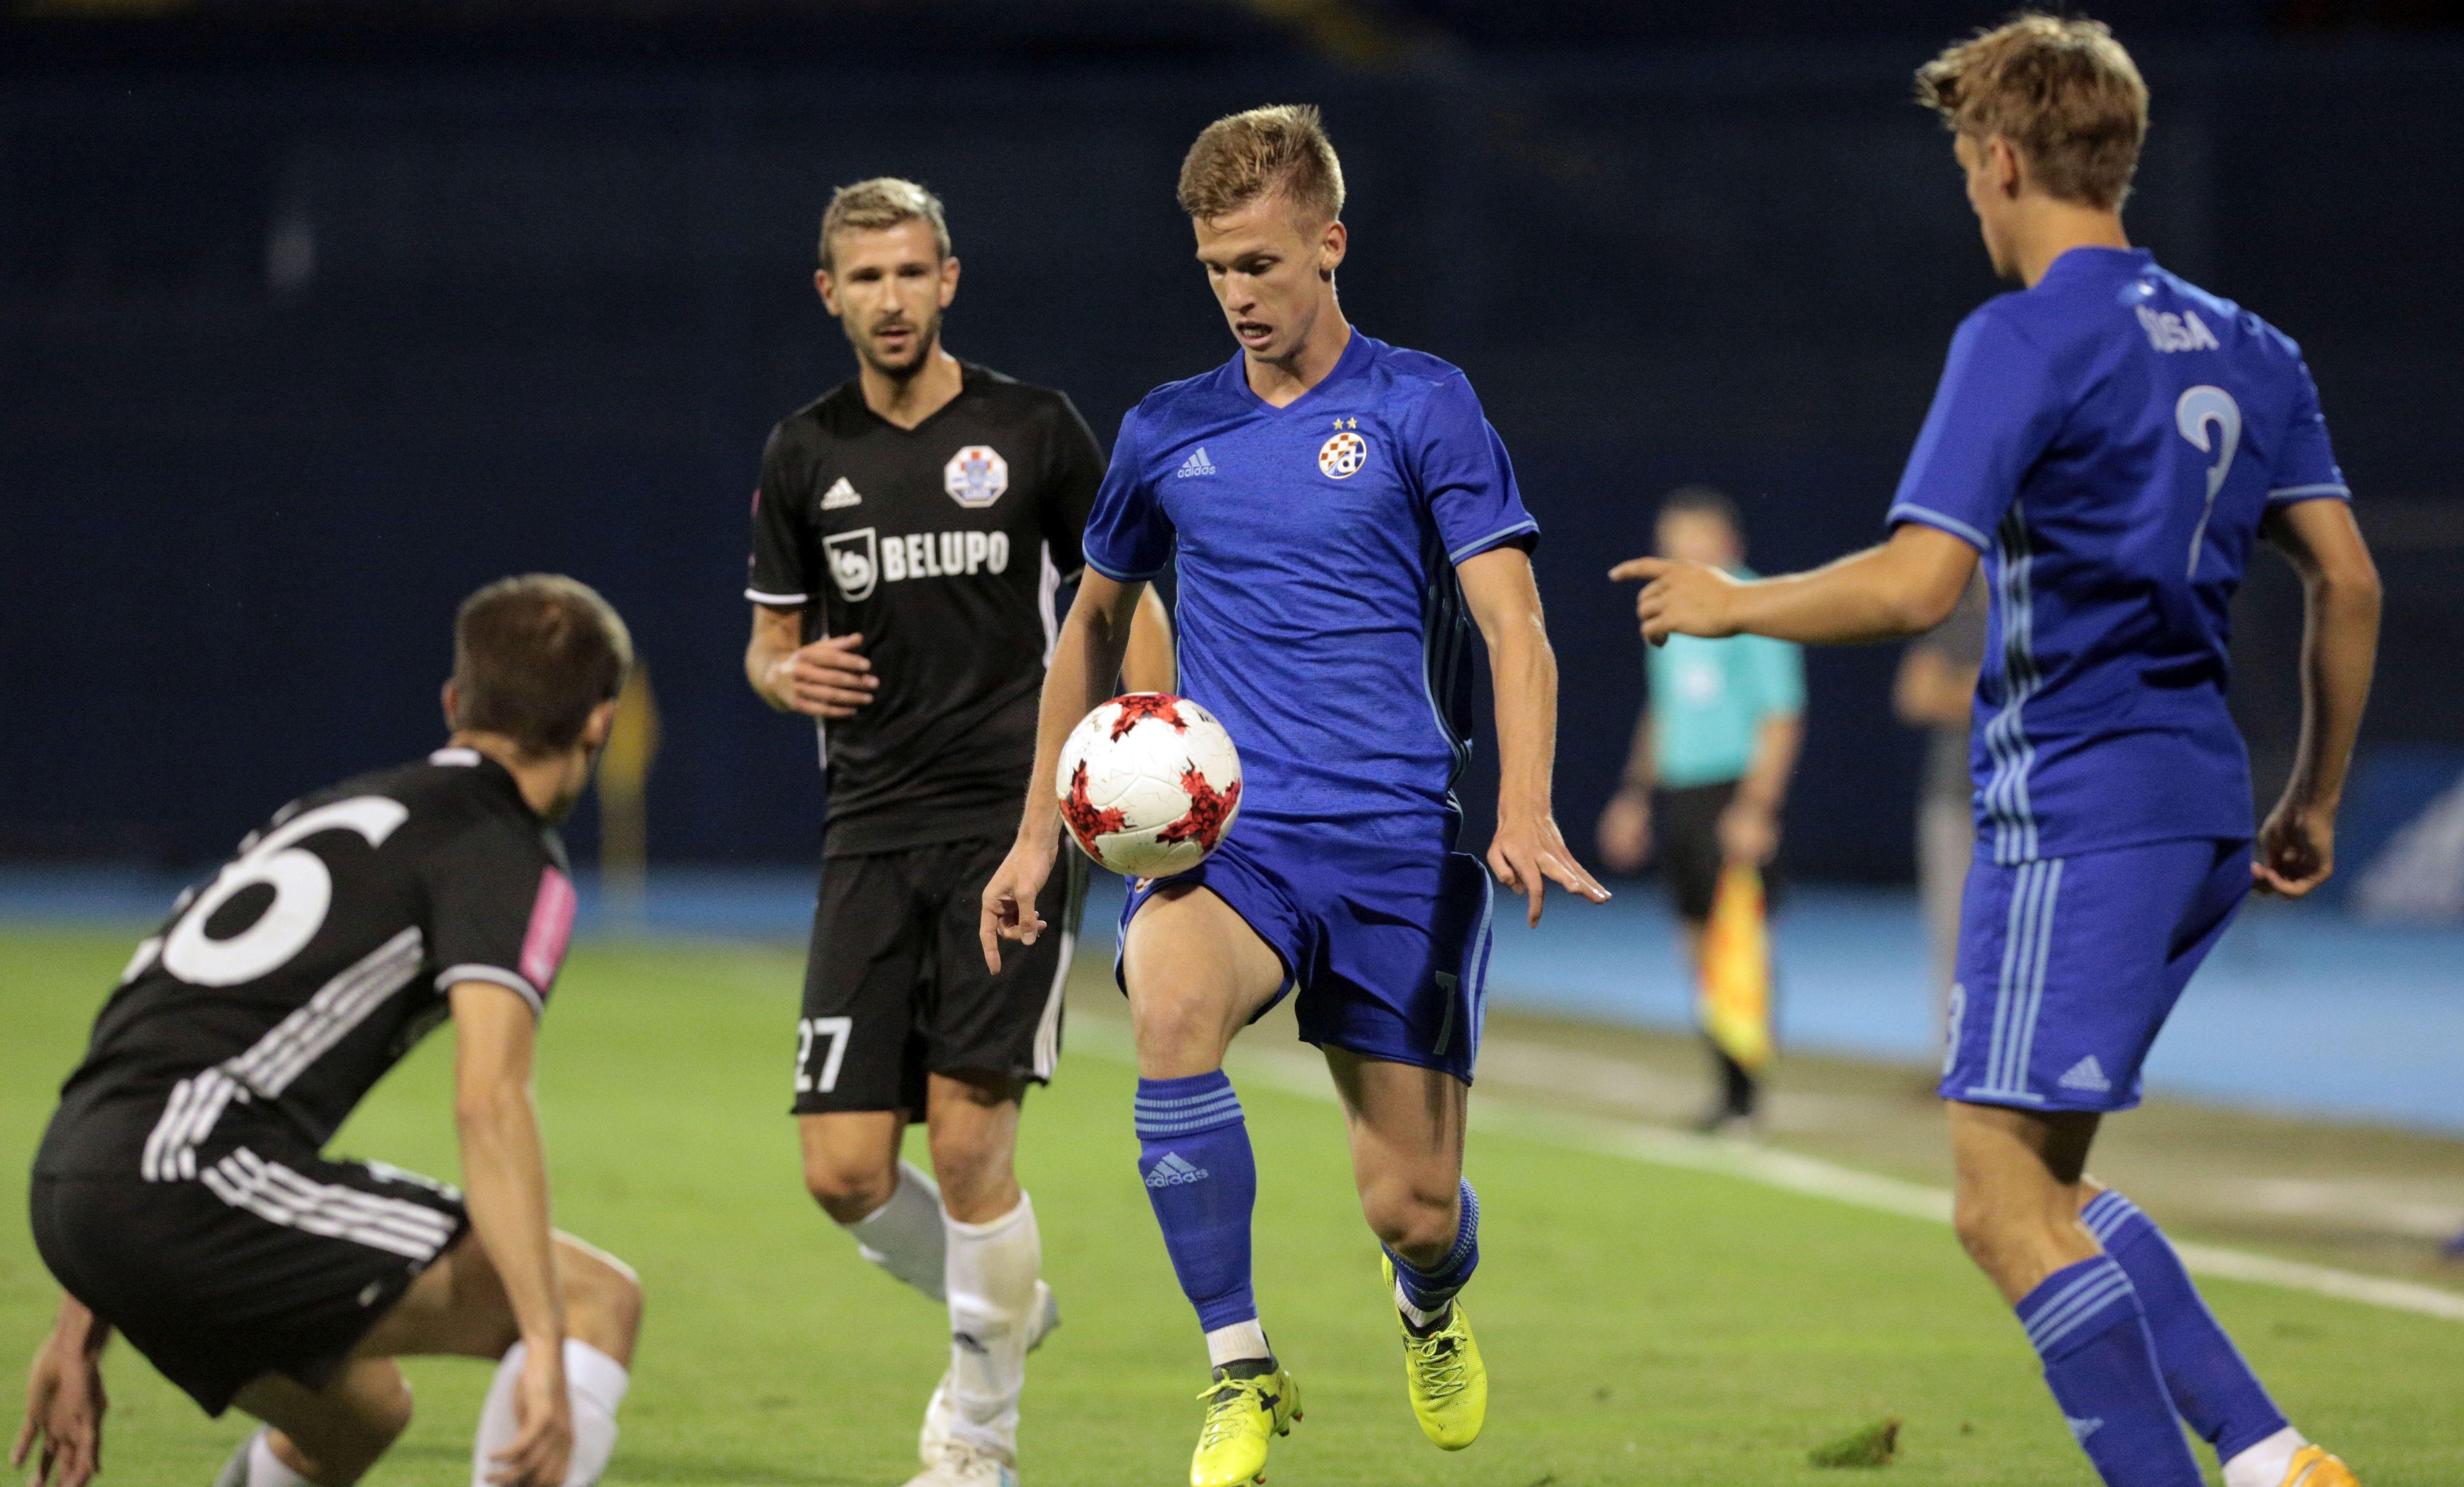 PRVA HNL Dinamo – Slaven Belupo 2:0